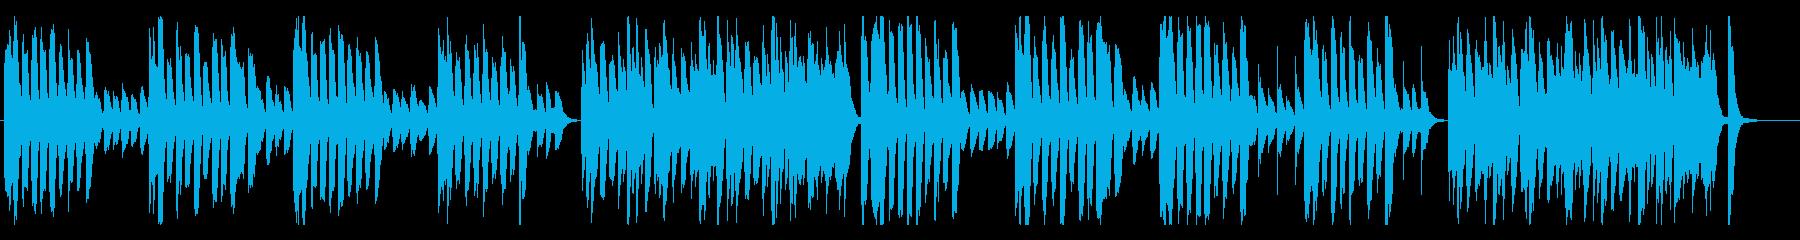 リコーダーとピアノがかわいい、軽快の再生済みの波形